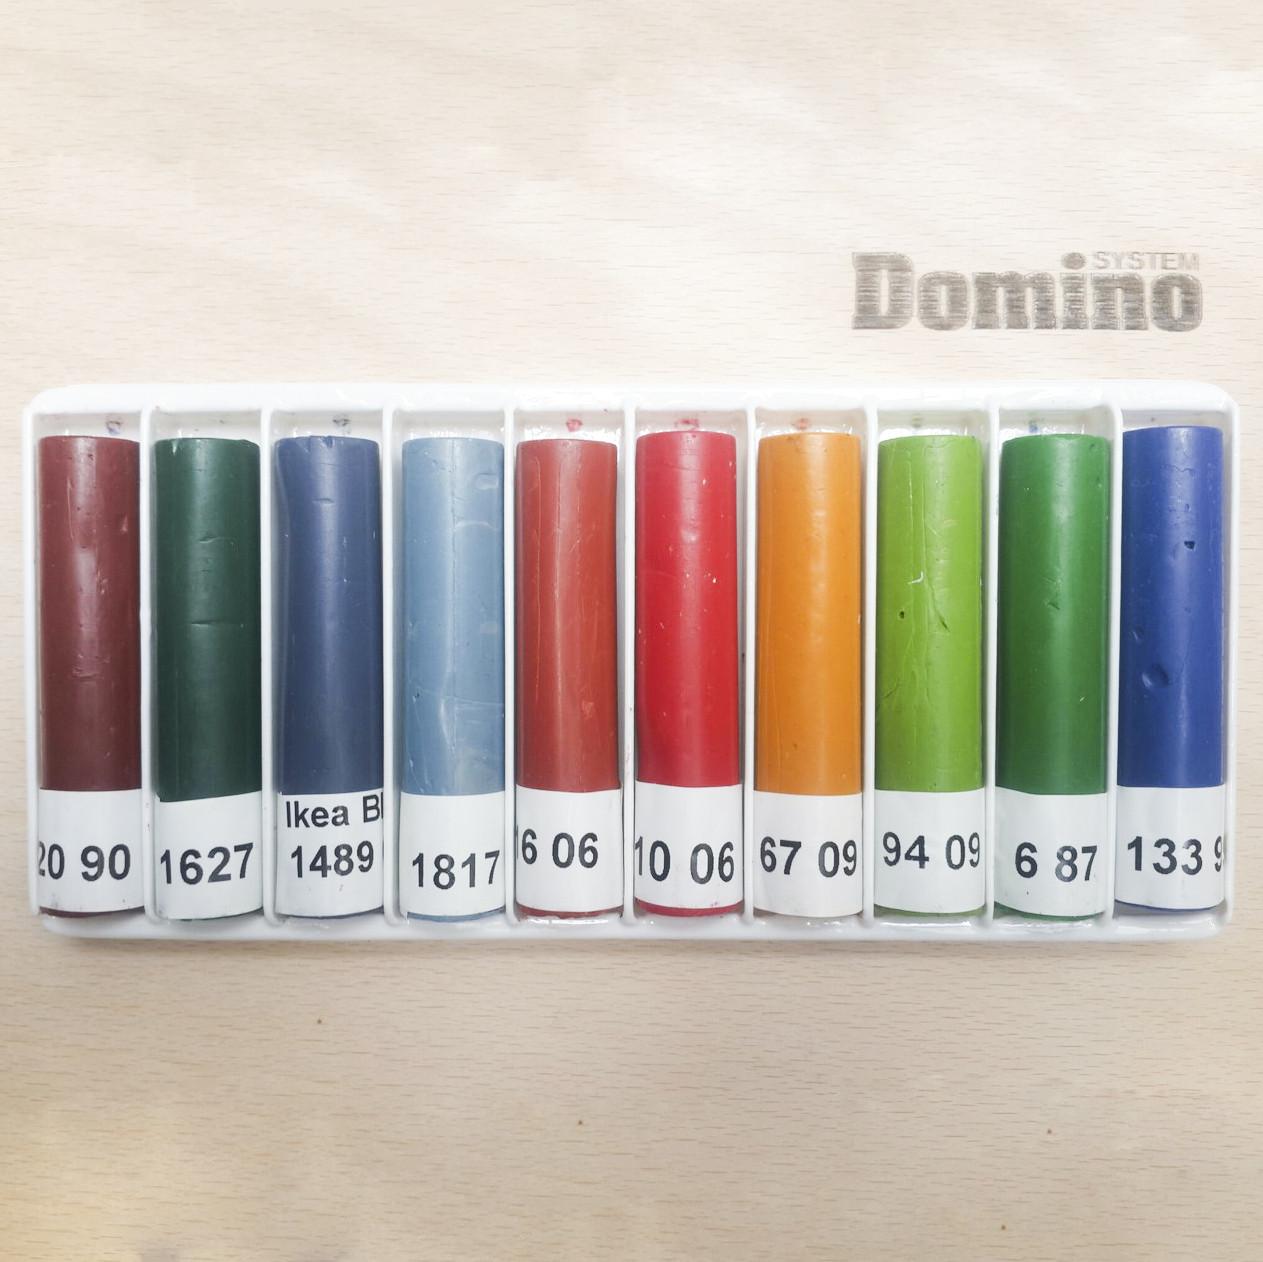 Серія крейди меблевої 10х8 см (кольорові відтінки)